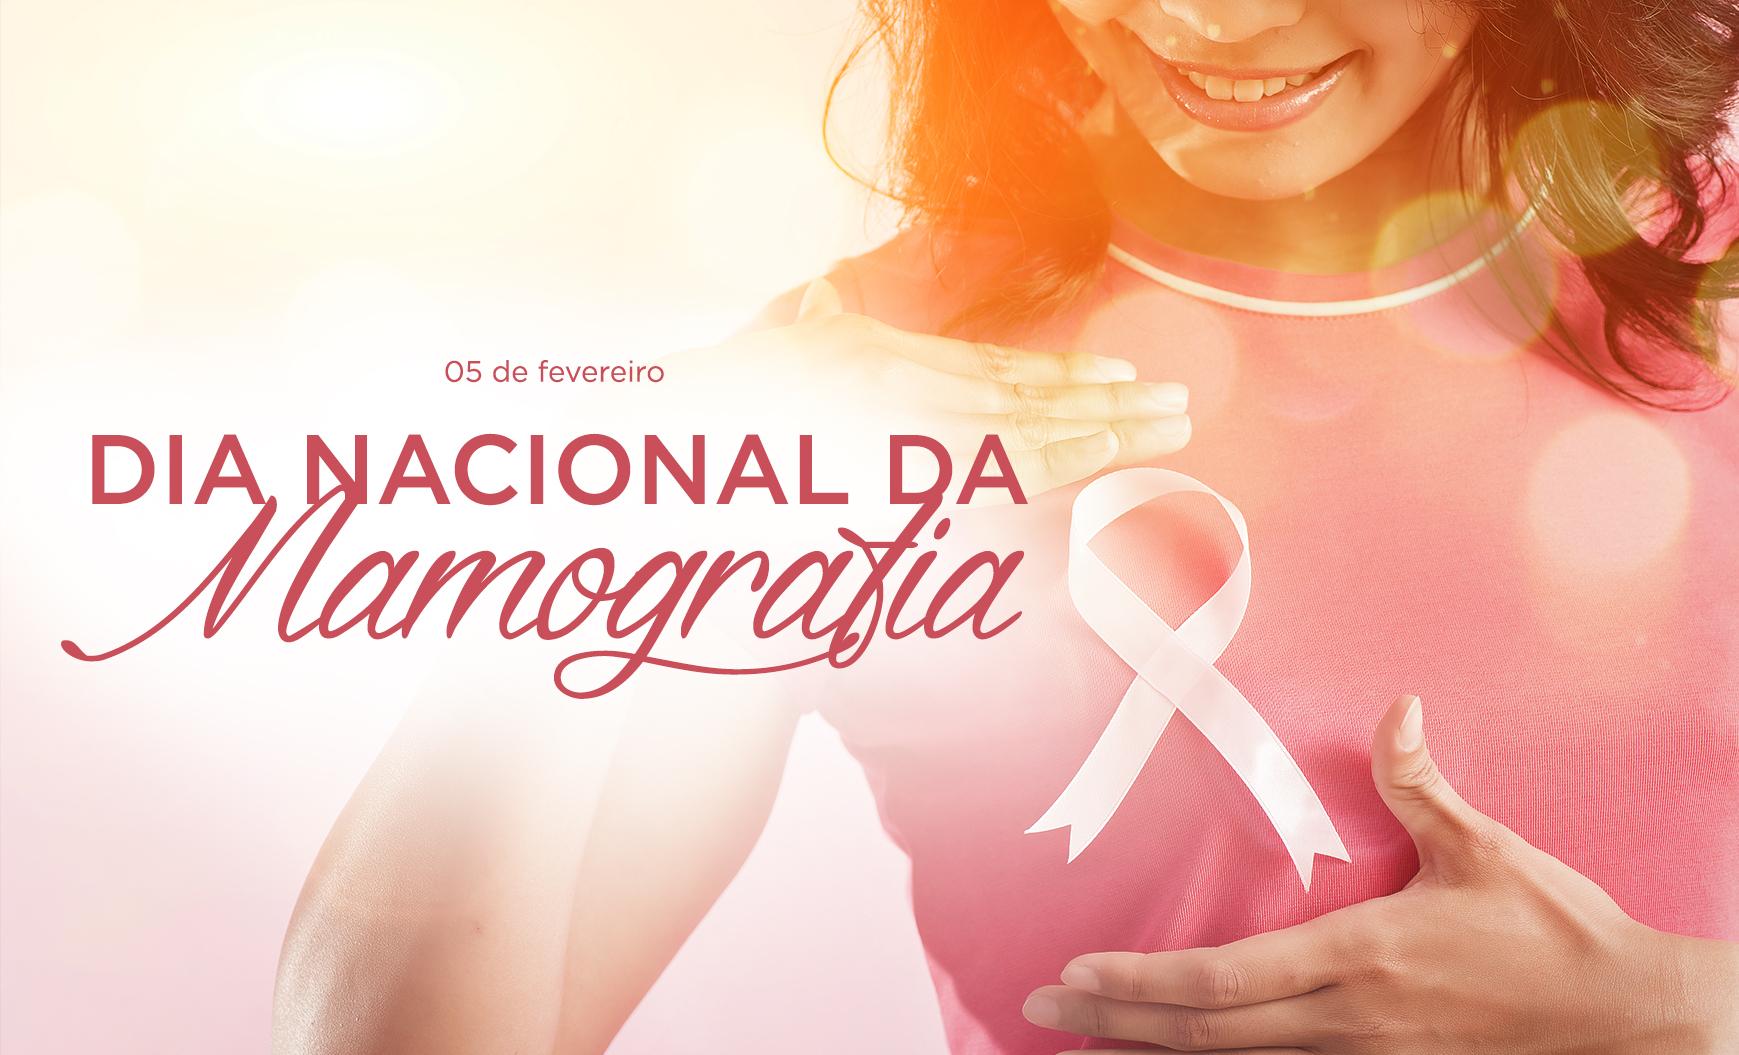 No Dia Nacional da Mamografia, relatório mostra que a quantidade de exames realizados diminuiu